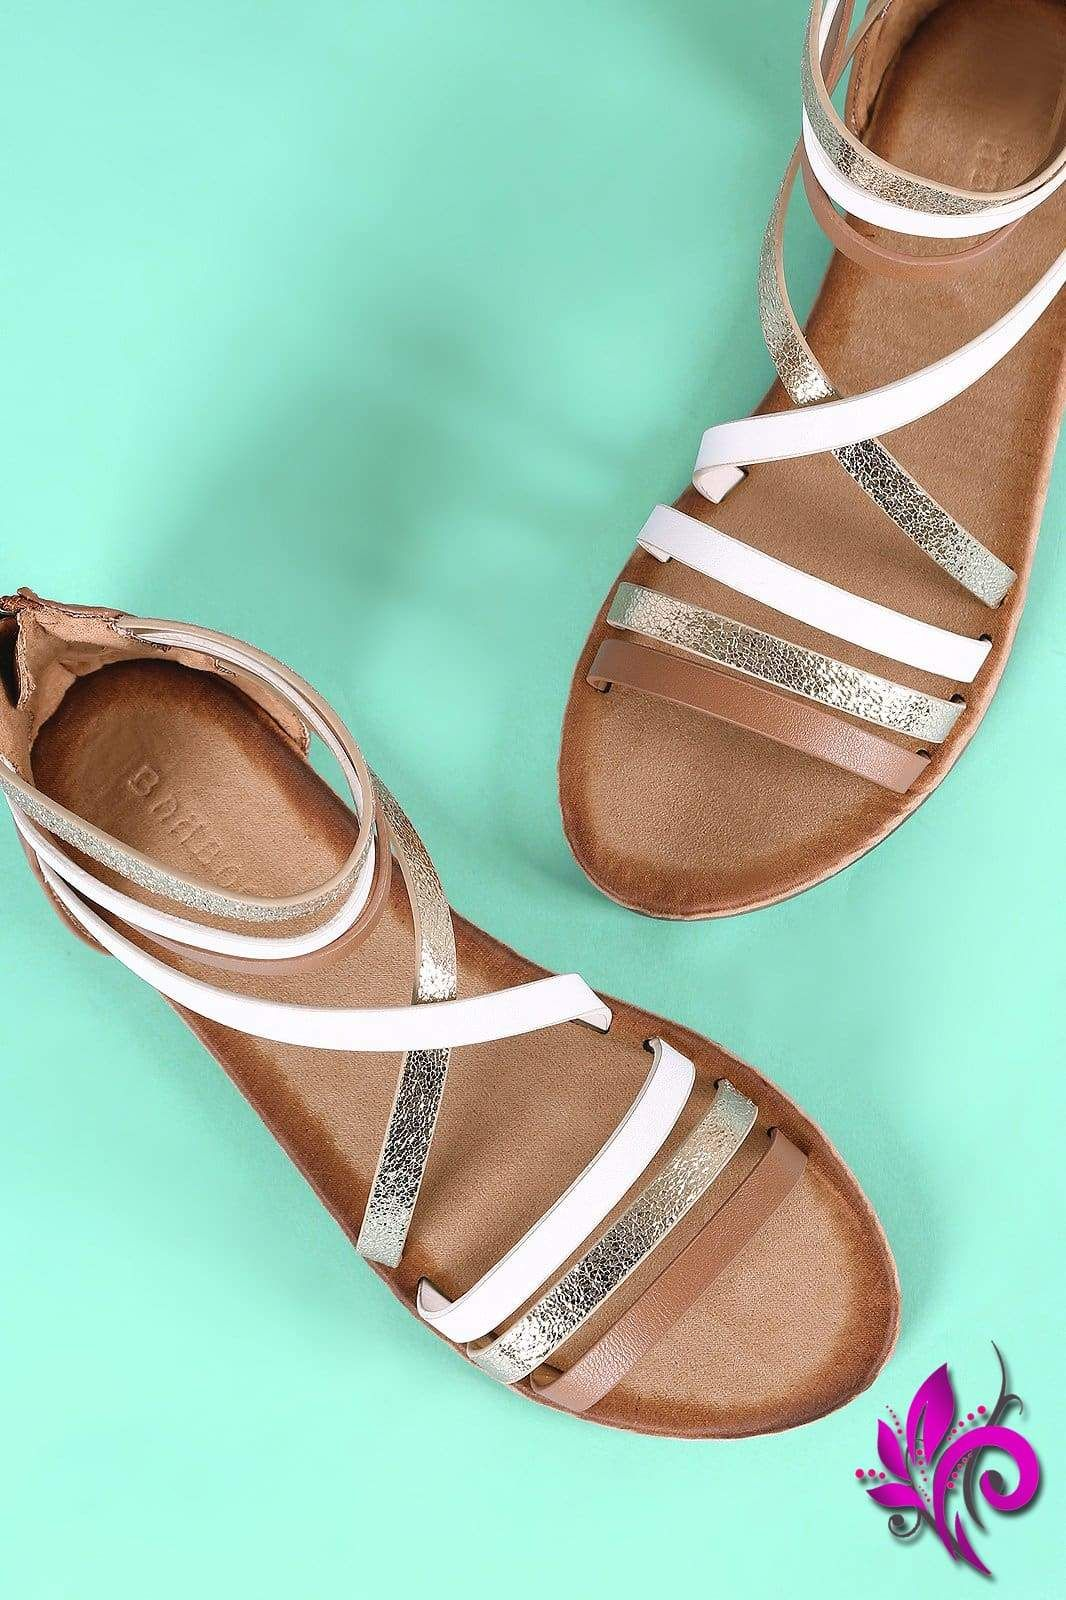 05f4c926415e Bamboo Tri-Tone Open Toe Gladiator Flat Sandal